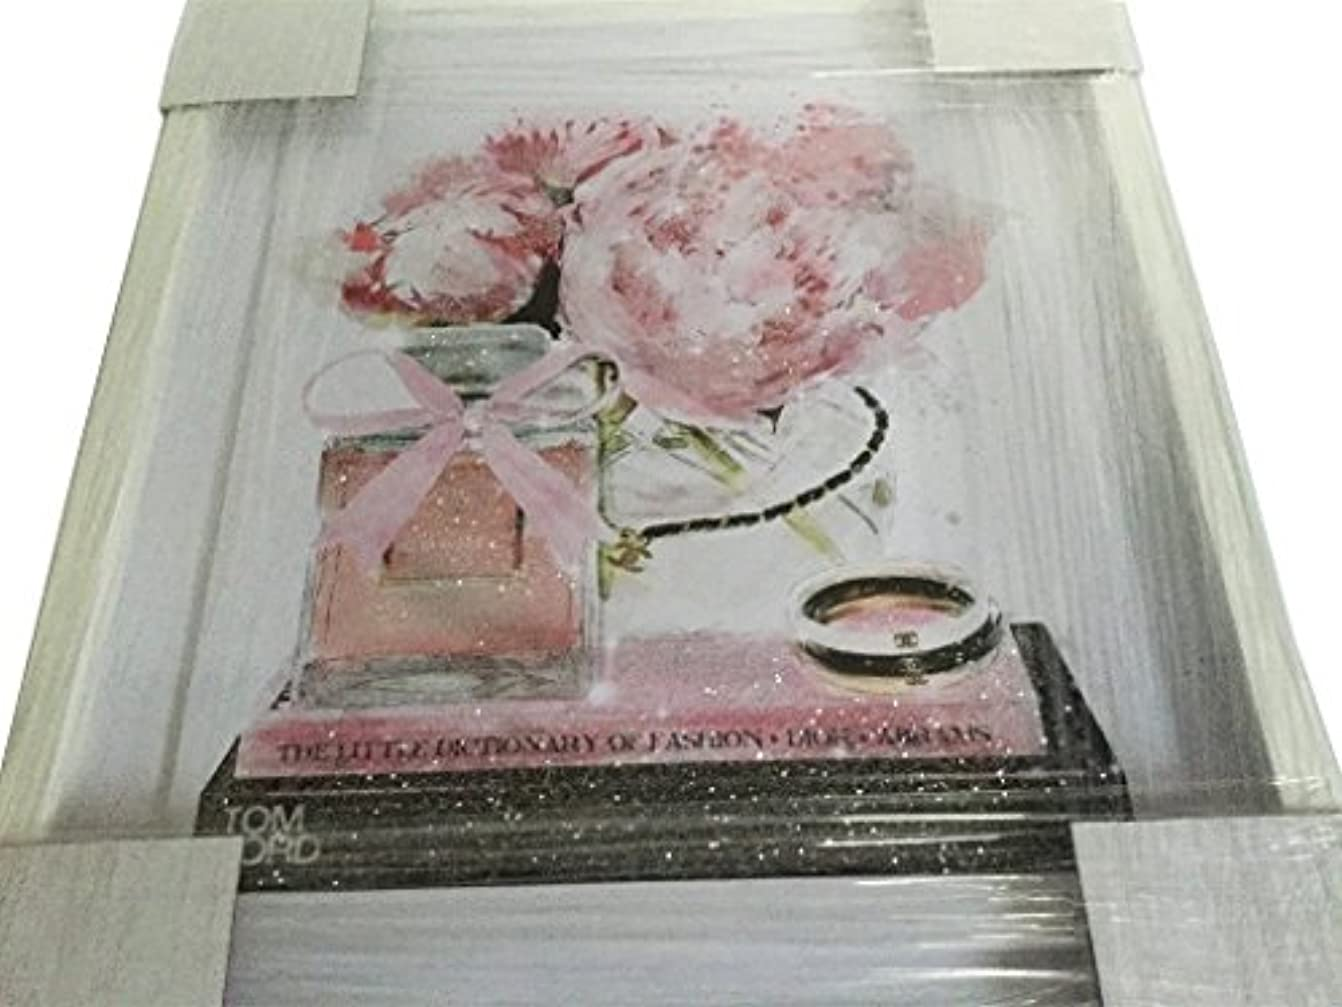 超越するクアッガ害Oliver Gal O83 Elegant Perfume and Morning CHANEL スワロフスキー (17×20インチ:43.18×50.8cm)